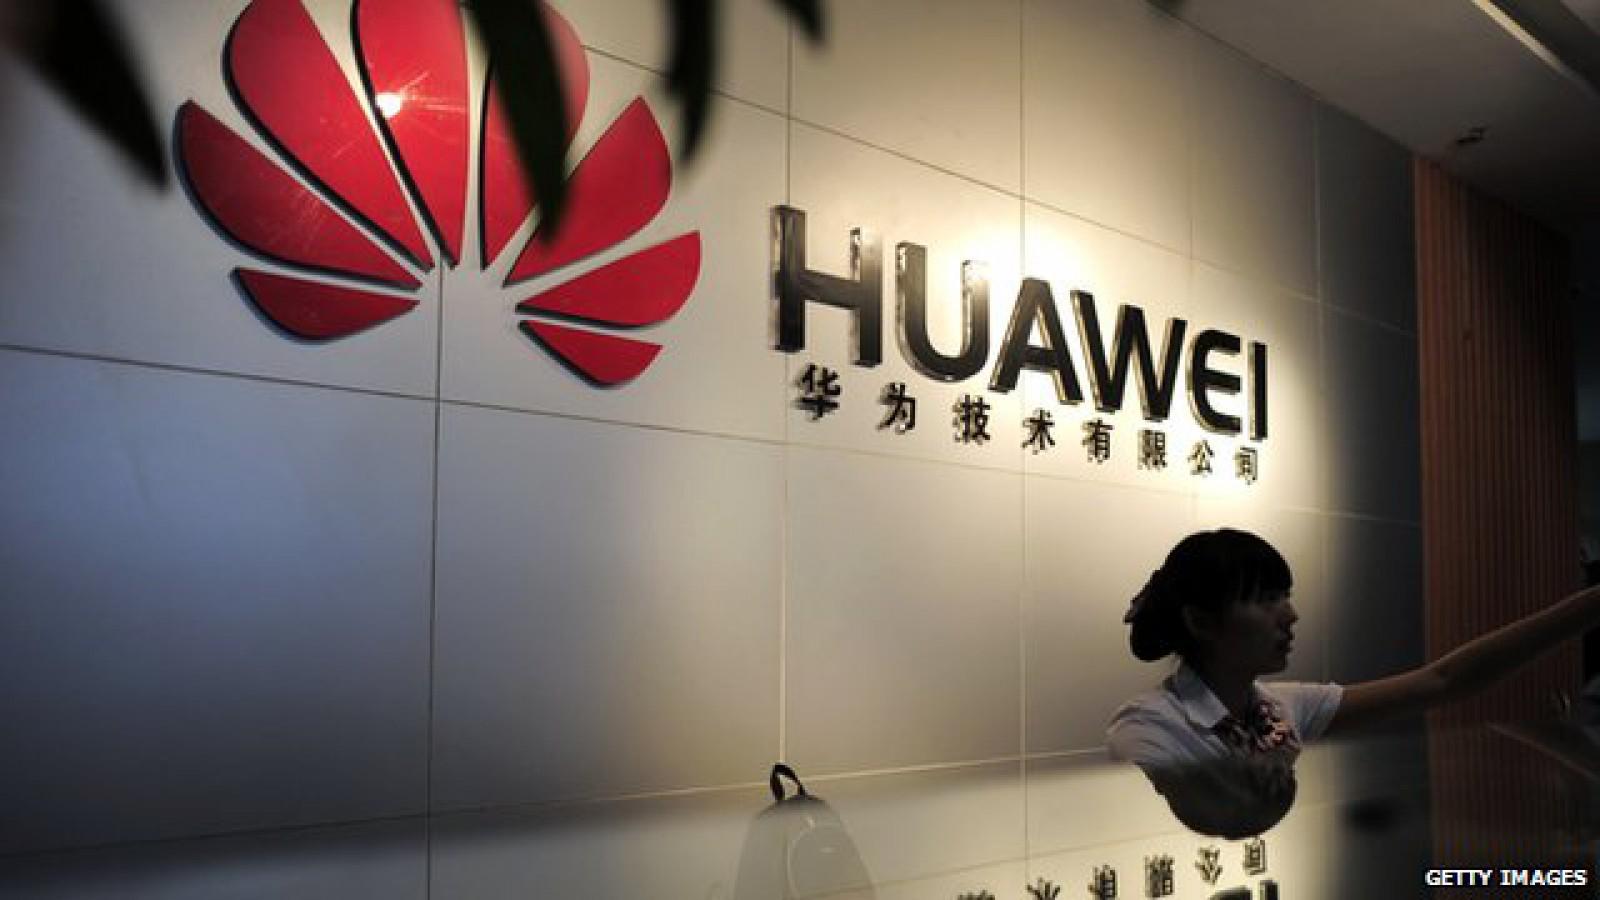 Huawei a detronat Apple, devenind al doilea producător mondial de telefoane mobile inteligente